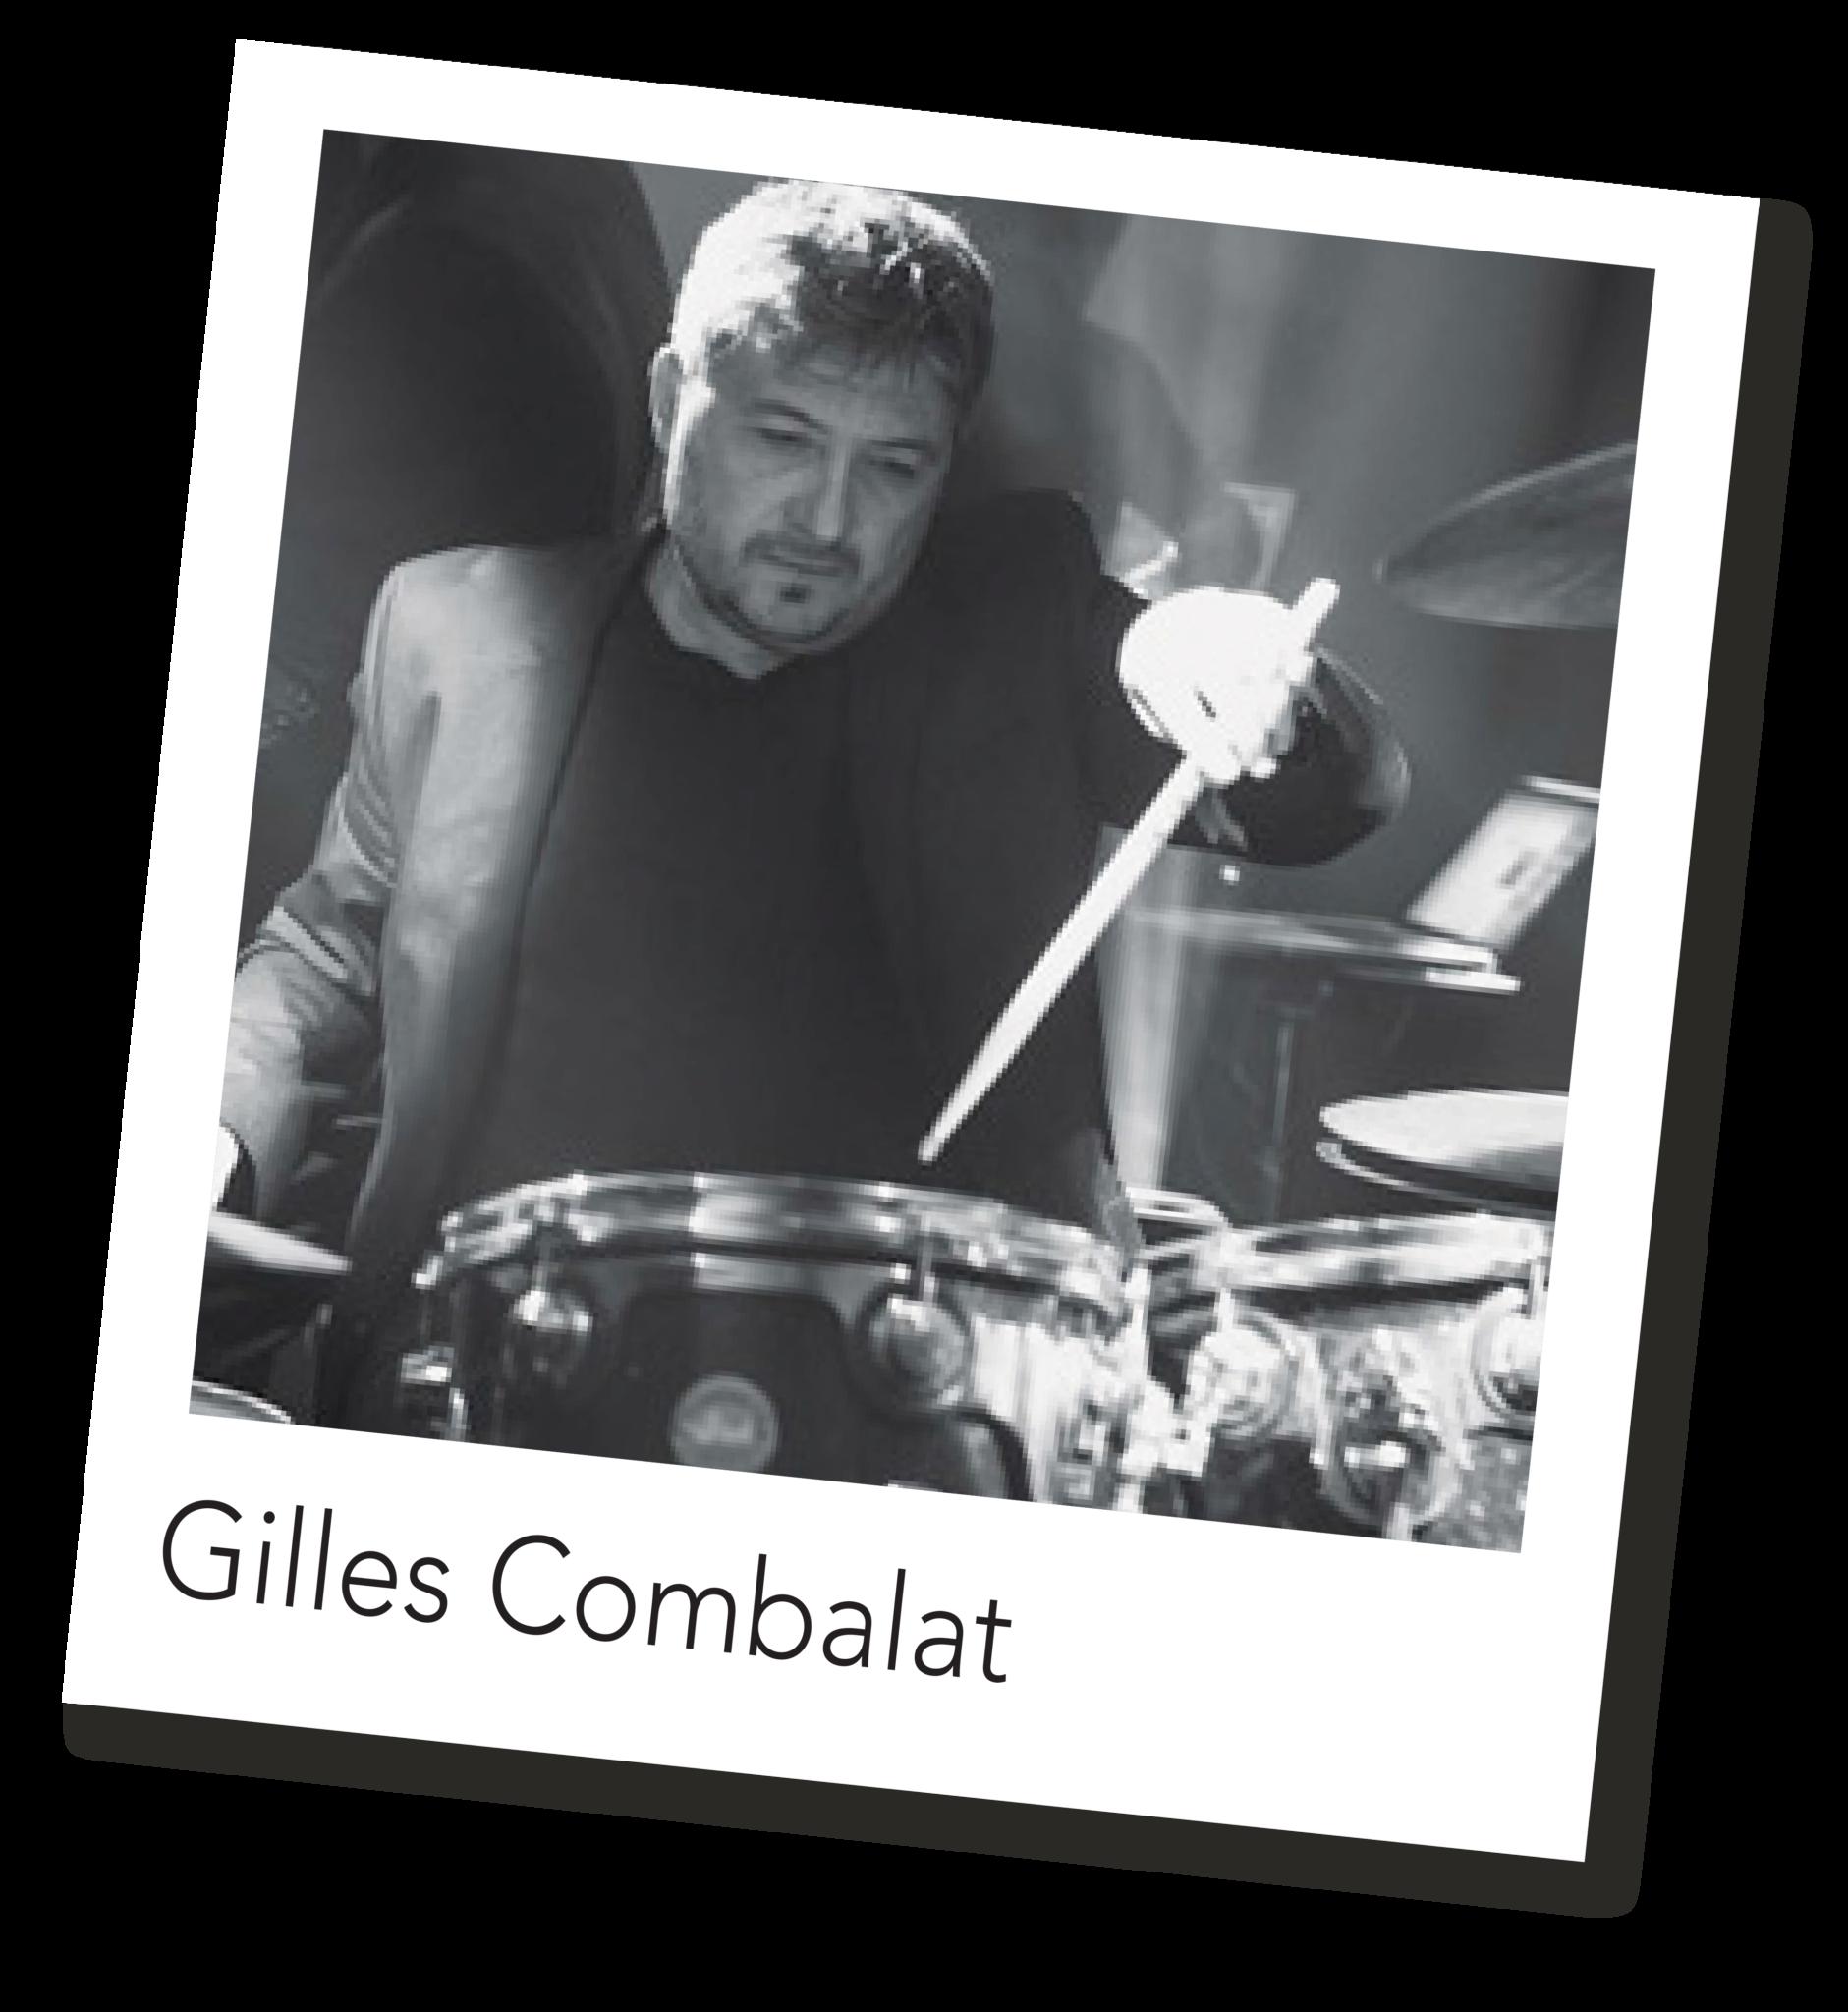 Gilles Combalat